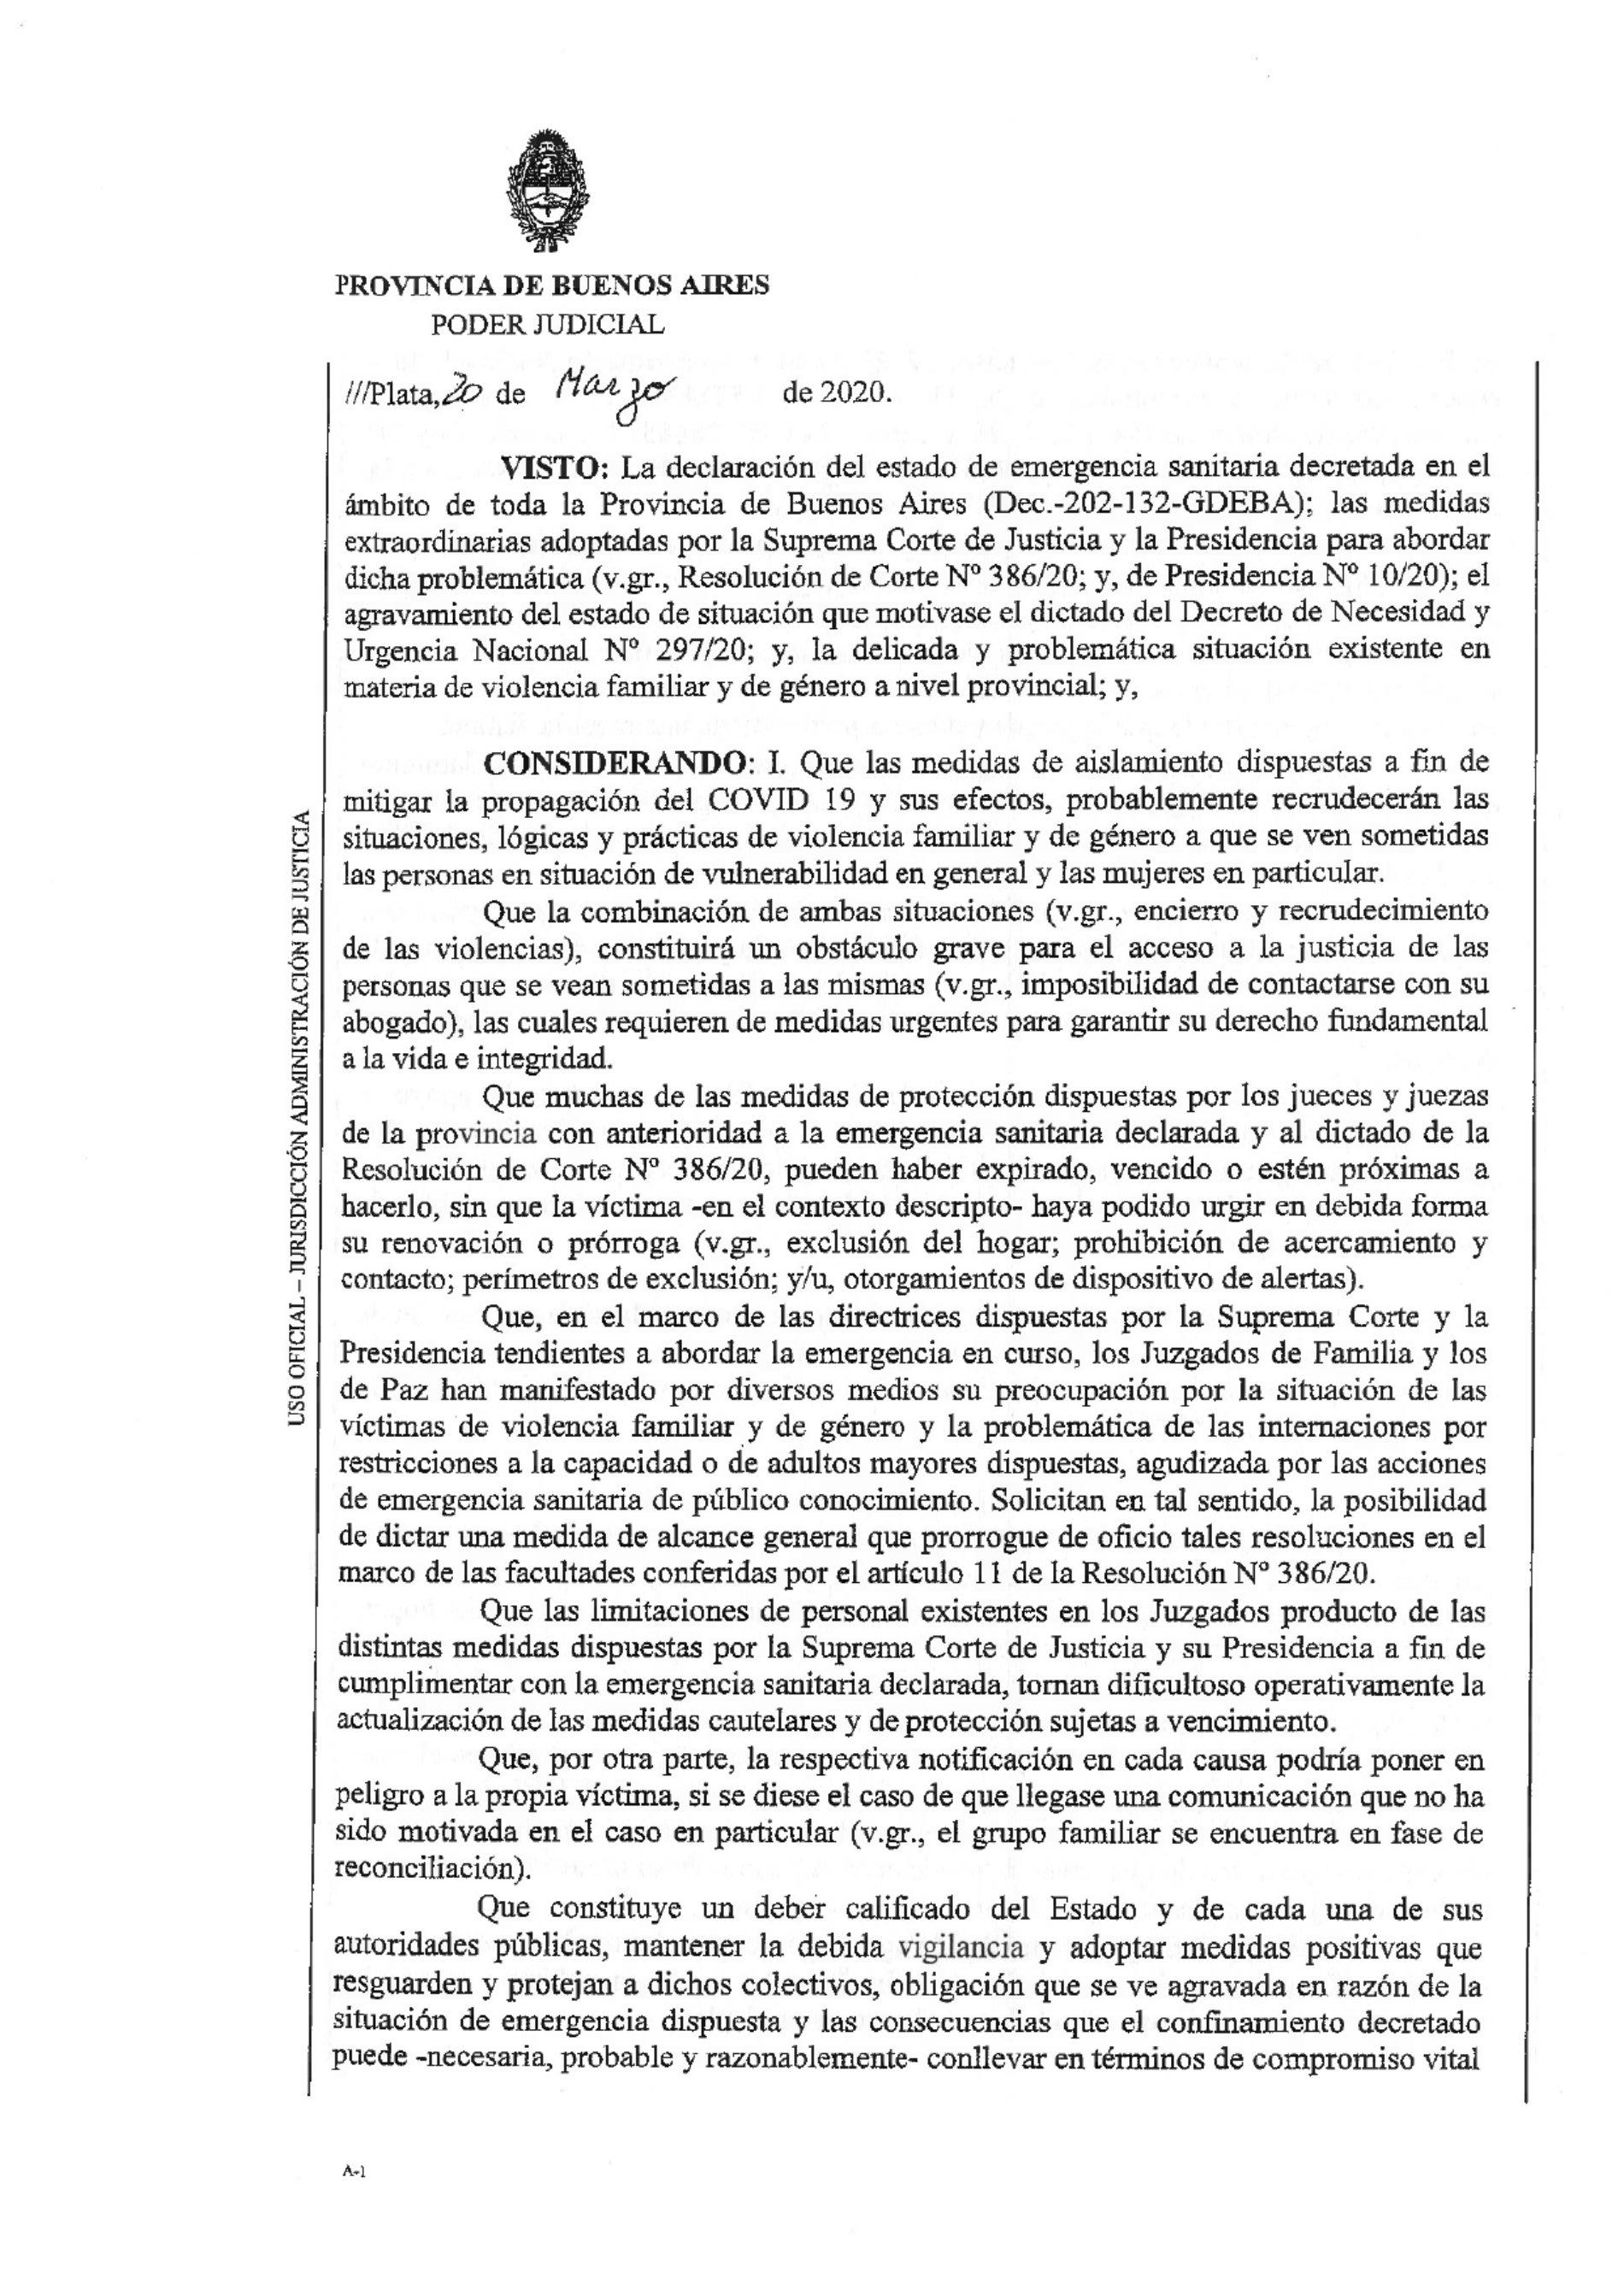 Resolución Nº 12/20 – Suprema Corte de Justicia de la Provincia de Buenos Aires.